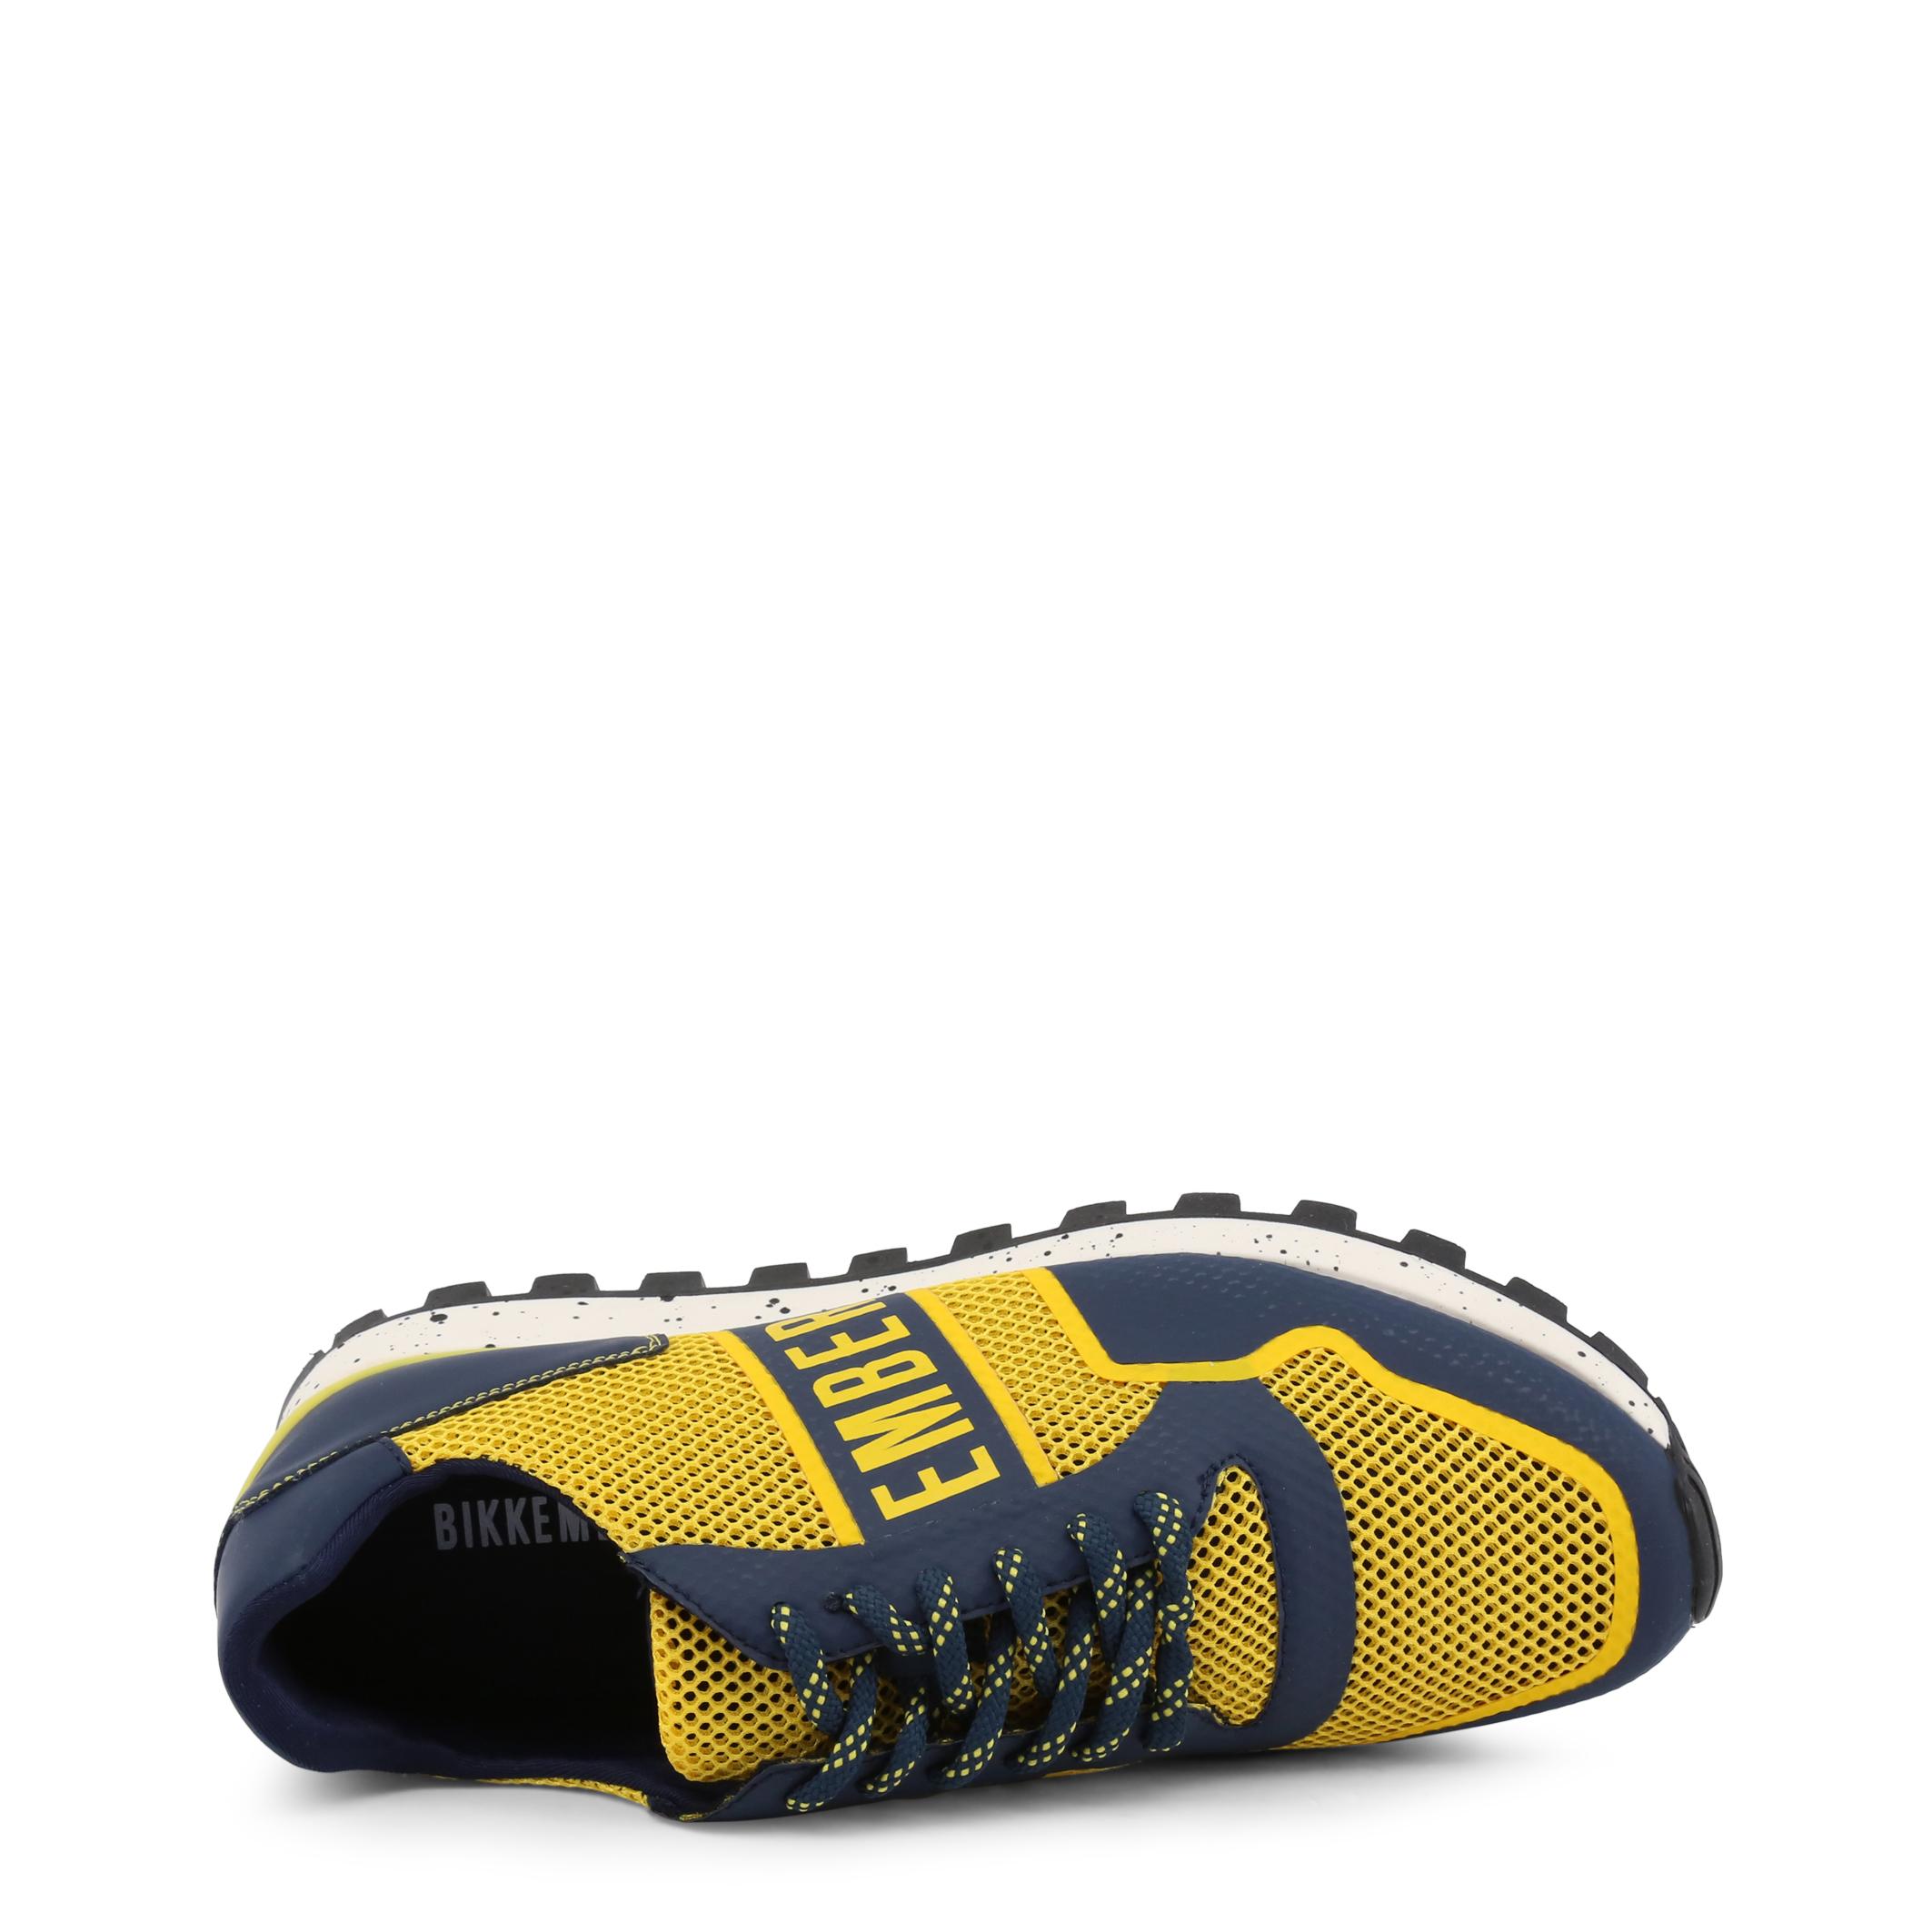 Baskets / Sport  Bikkembergs FEND-ER_2084 yellow